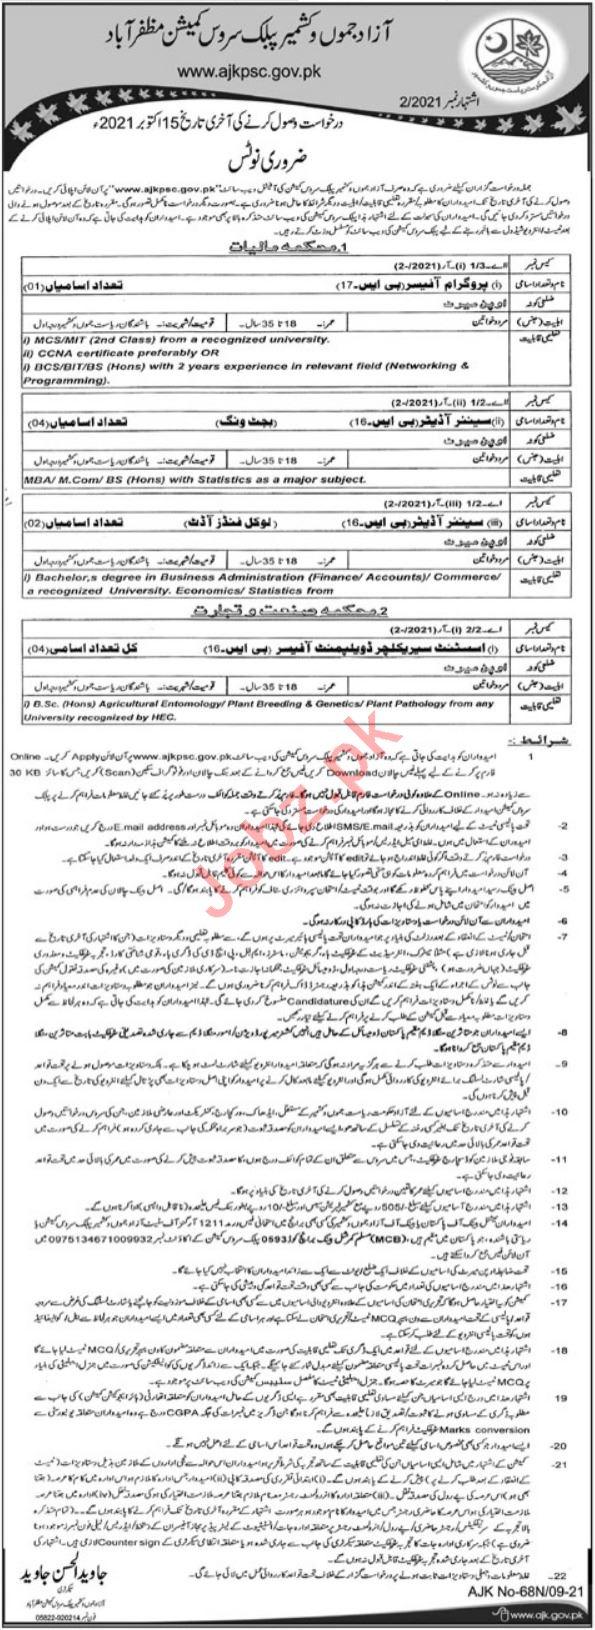 AJKPSC Muzaffarabad Jobs 2021 for Program Officer & Auditor